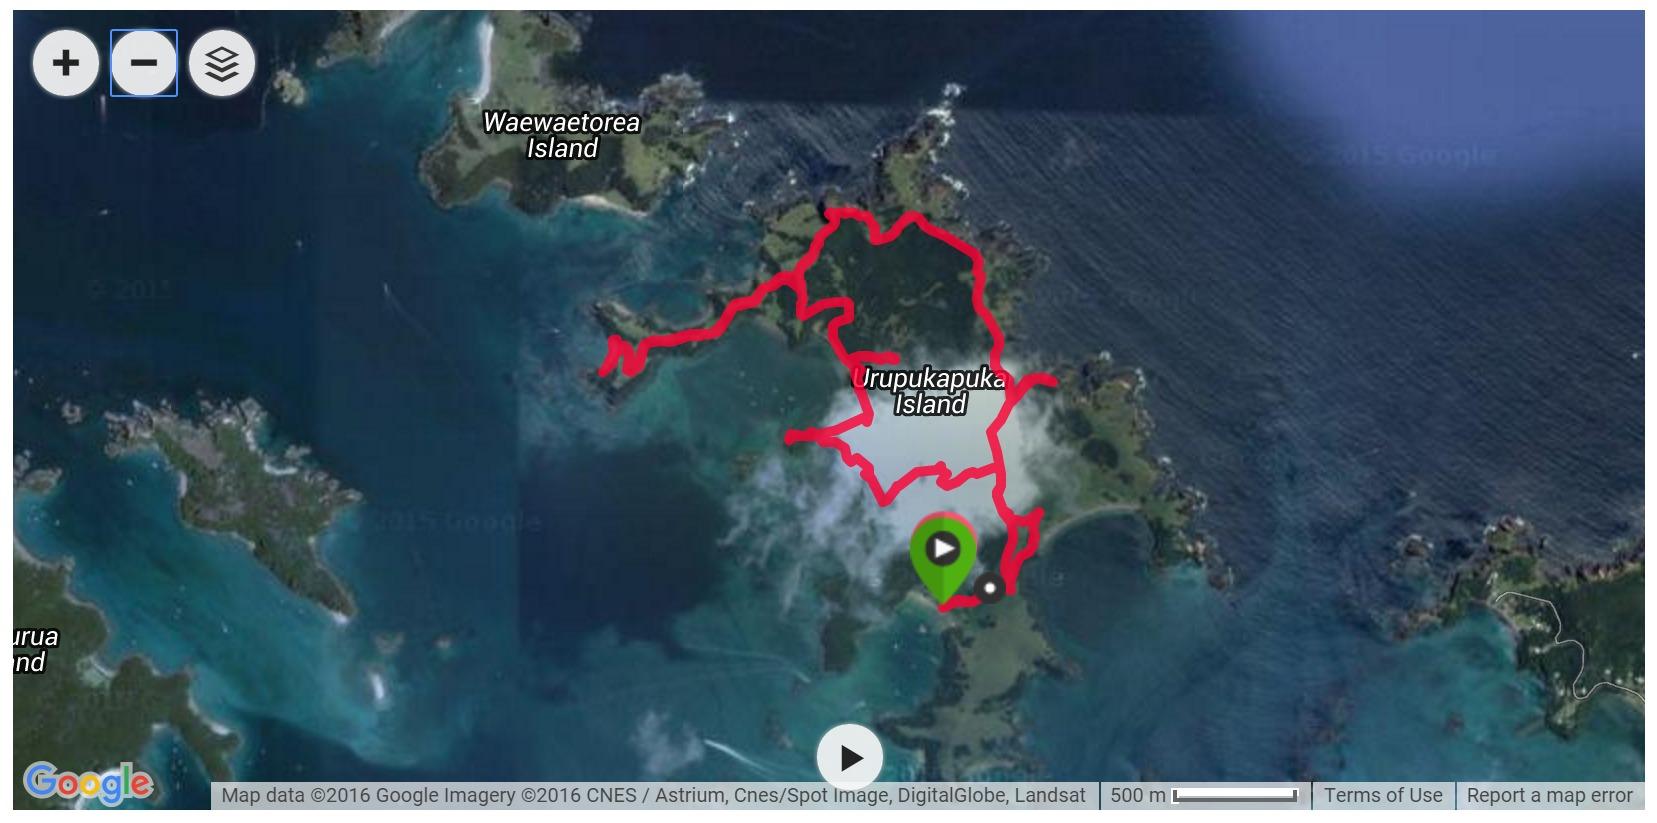 Urupukapuka Island Satellite